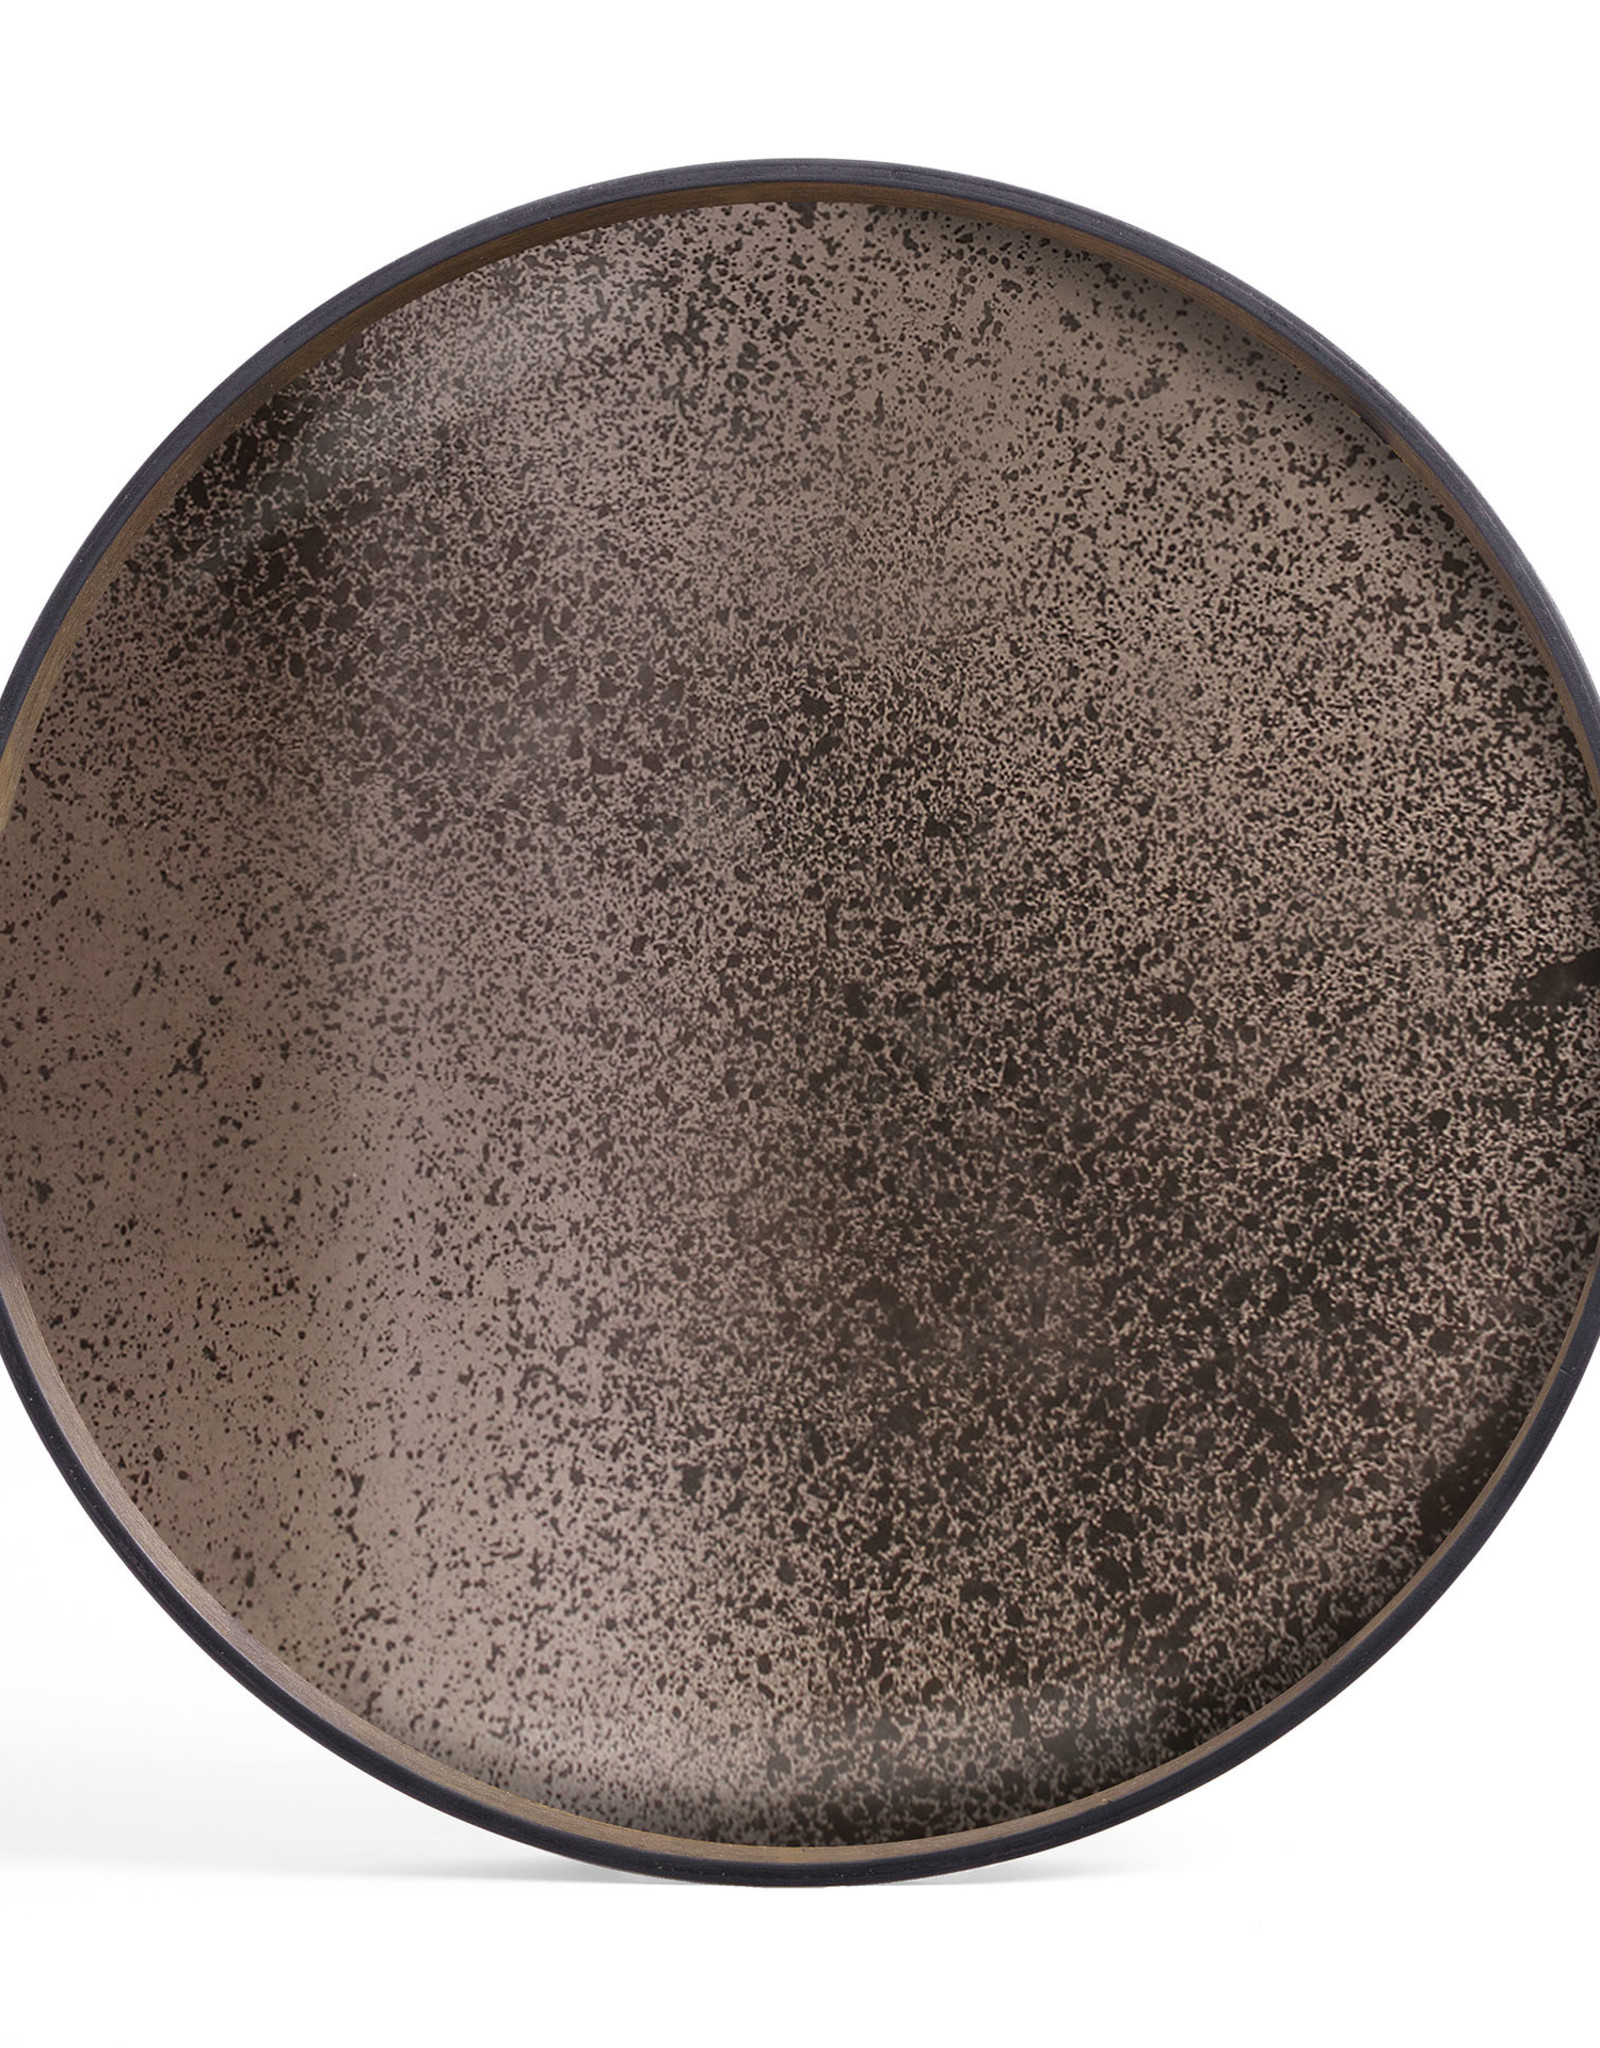 Bronze mirror tray - round - S 19 x 19 x 2